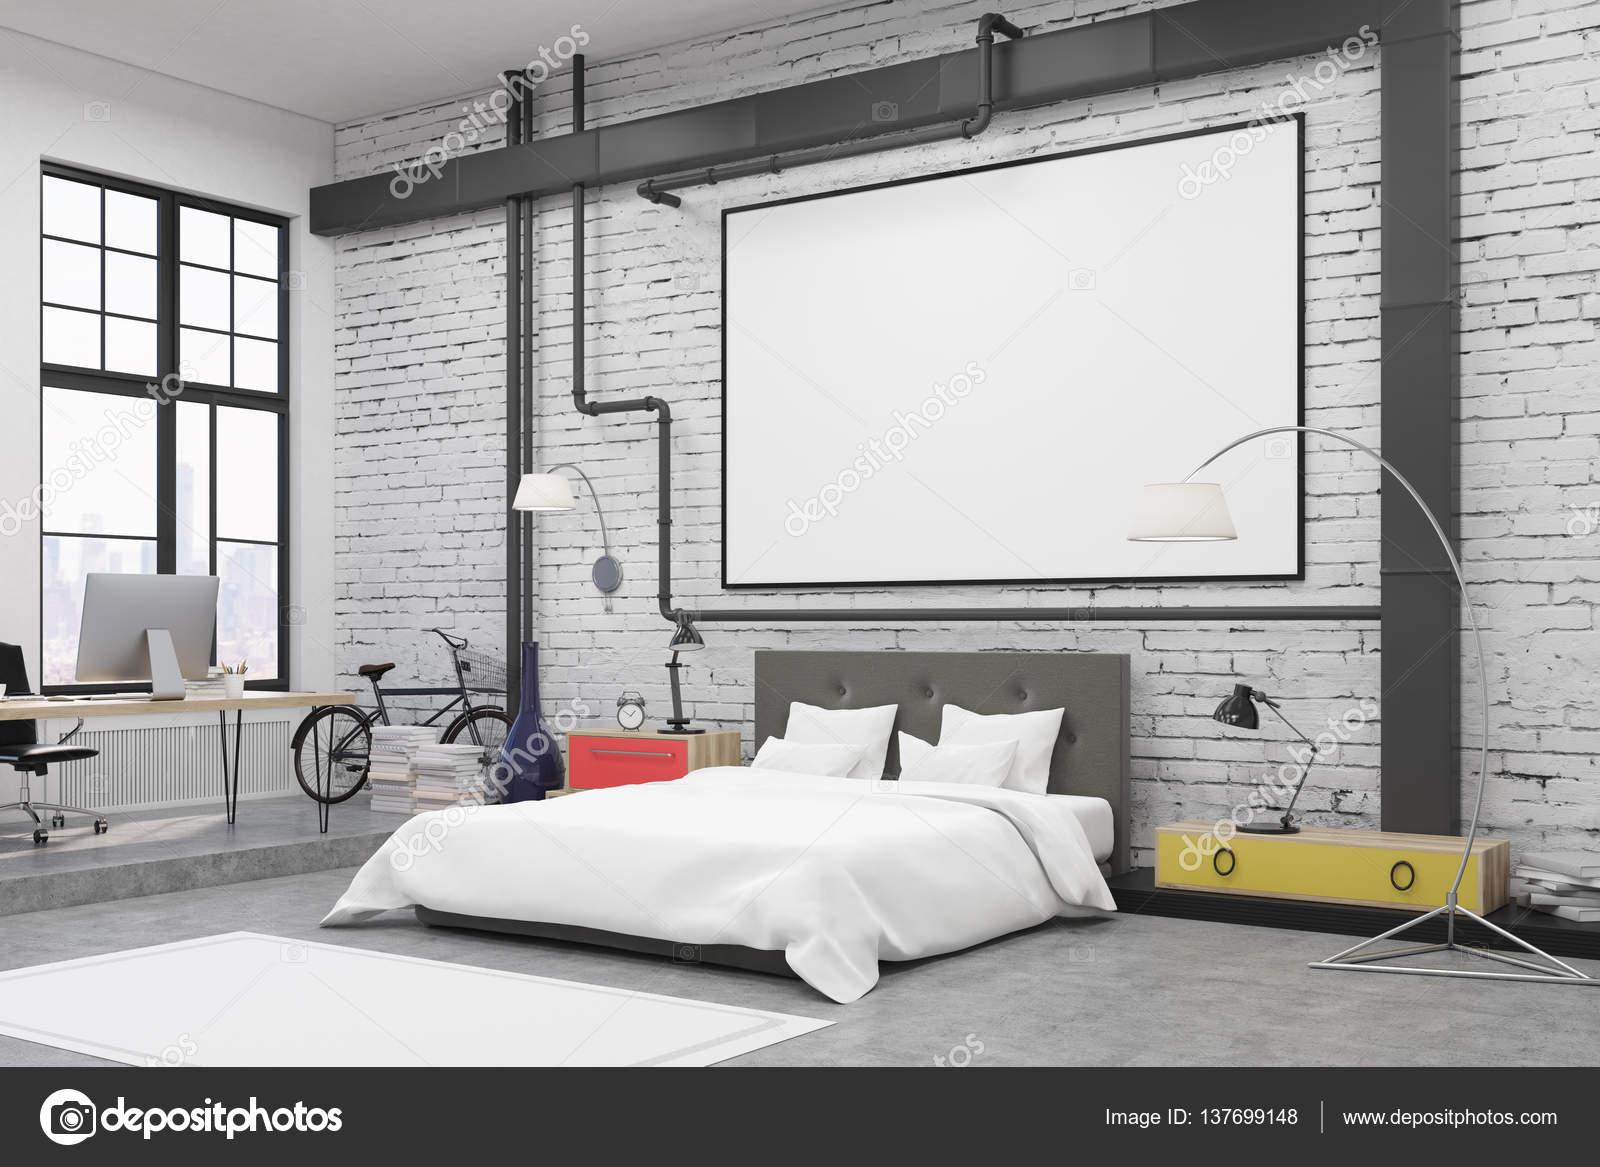 Sidovy av sovrum inredning med vita väggar och en affisch på dem Det finns en stor säng, fåtölj